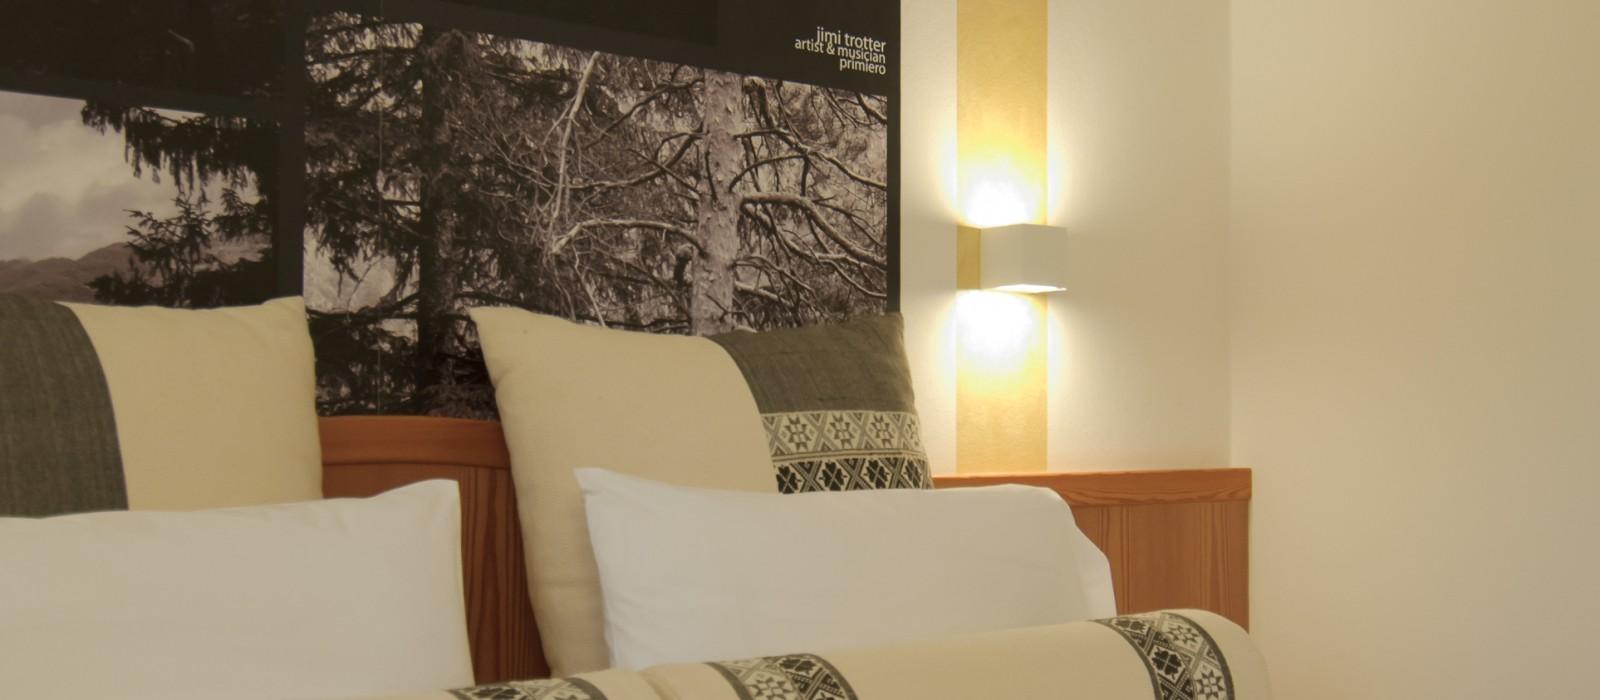 Hotel Isolabella - stanza Art